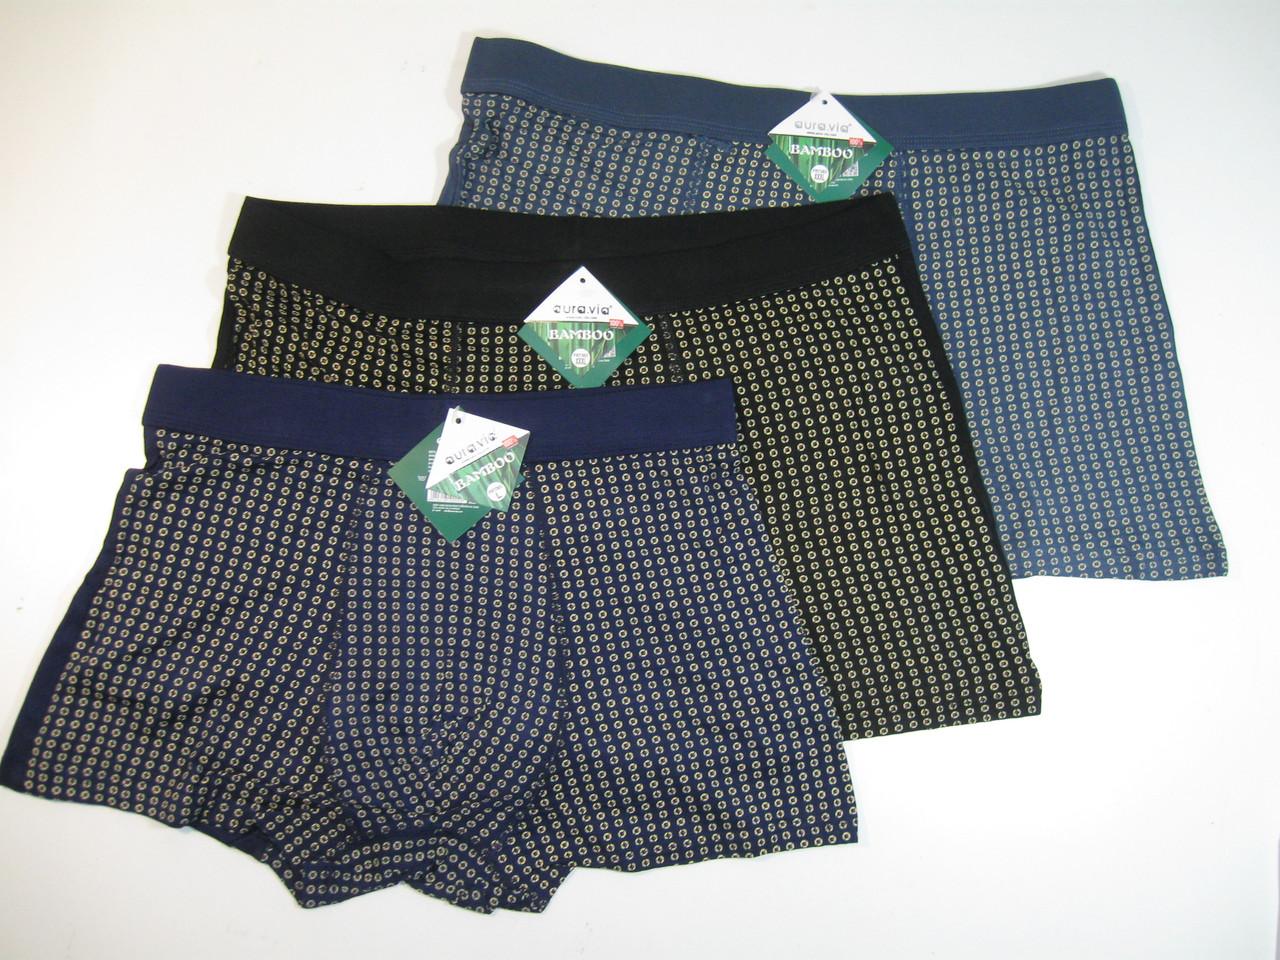 Трусы мужские боксеры AURA.VIA (бамбук), размеры  M(4), L(4),   арт. FR 7363